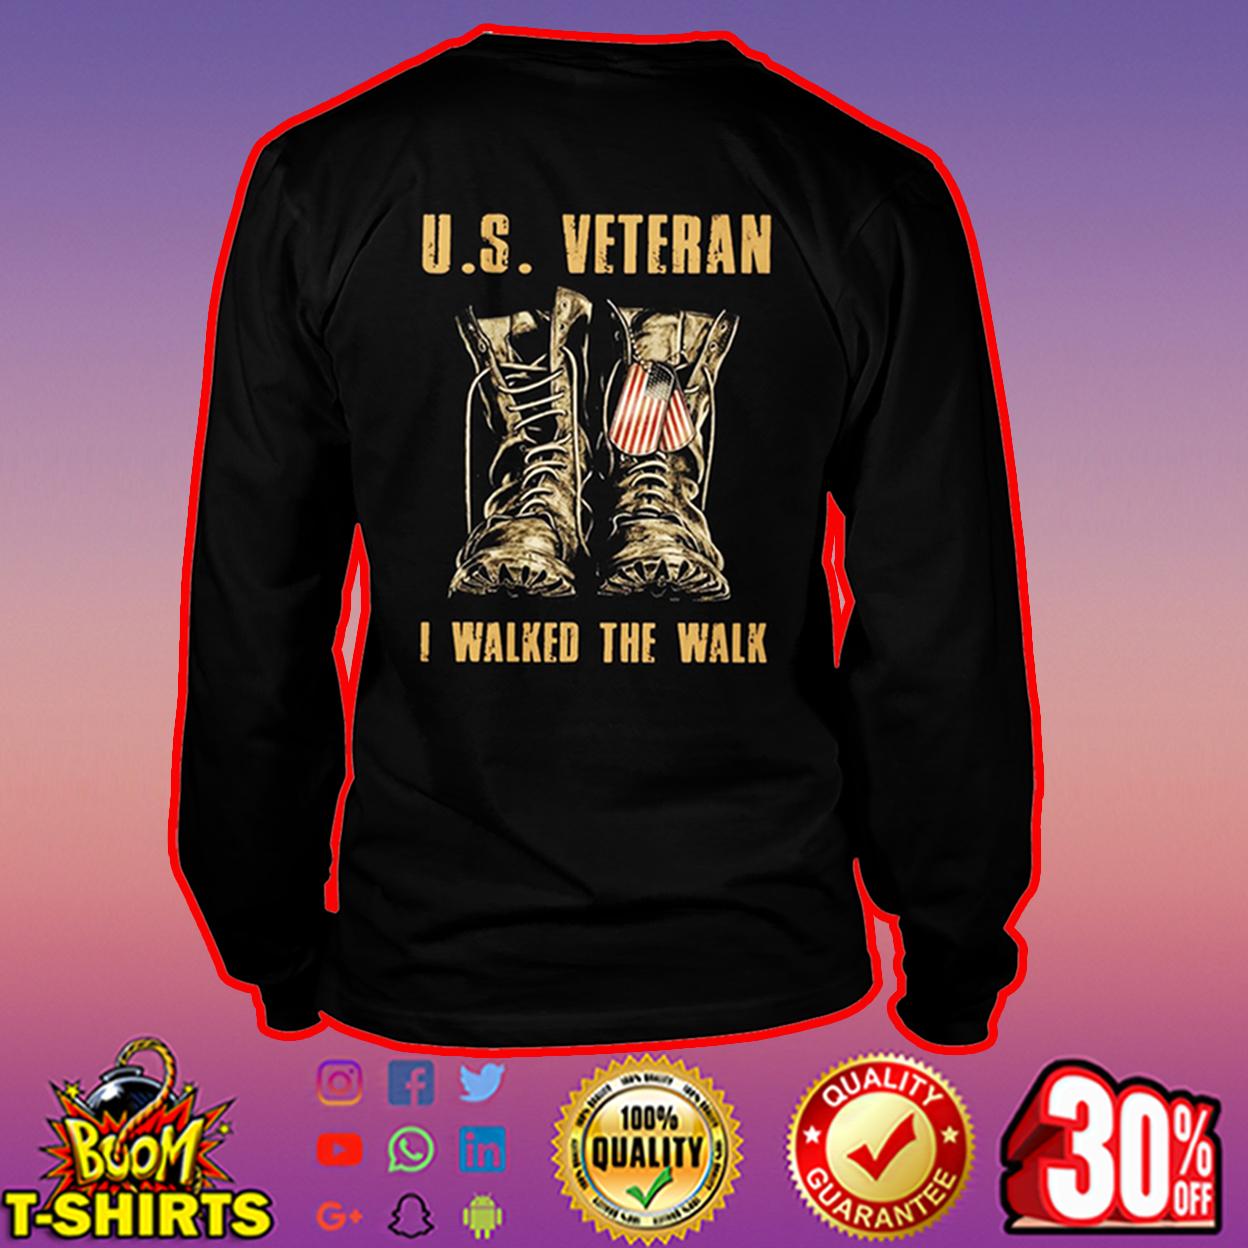 U.S. Veteran I walked the walk long sleeve tee